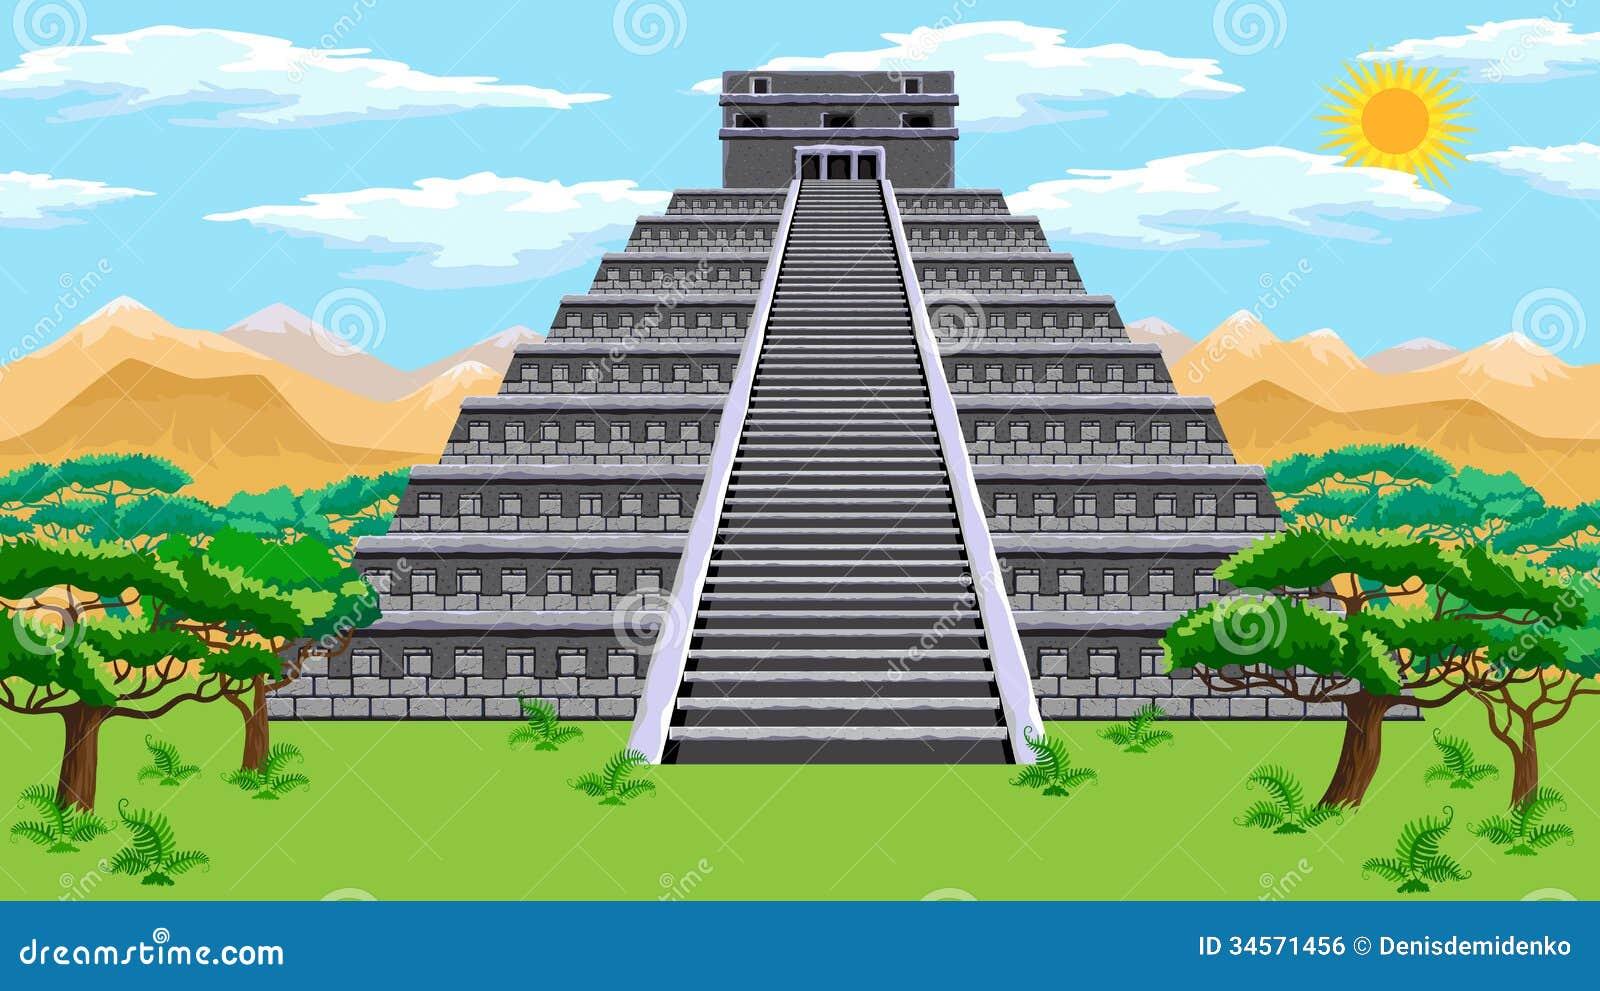 Piramide Azteca Illustrazione Vettoriale Immagine Di